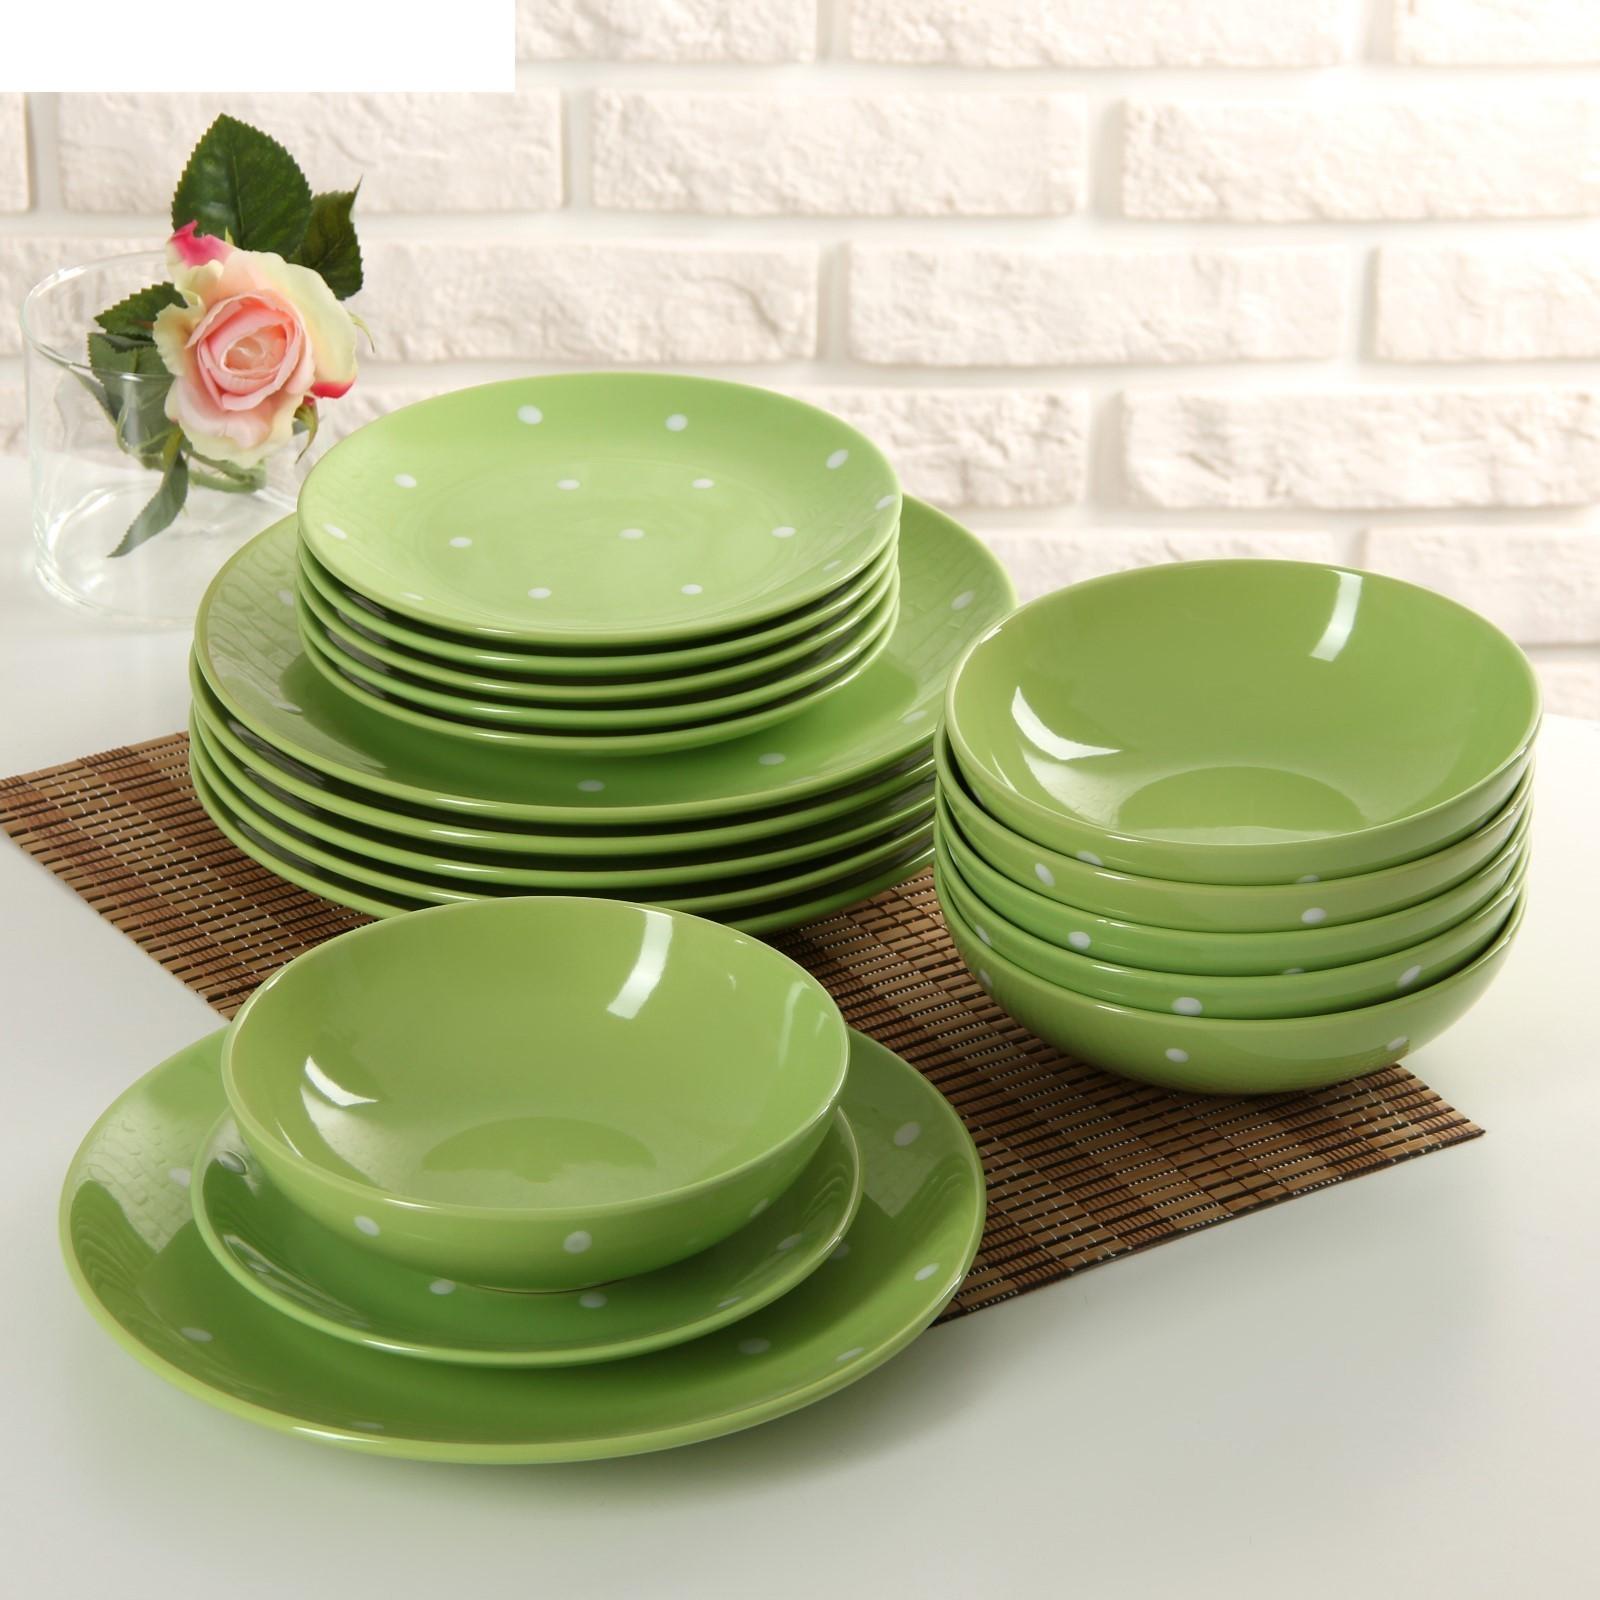 Сервиз столовый Зеленый горох, 18 предметов